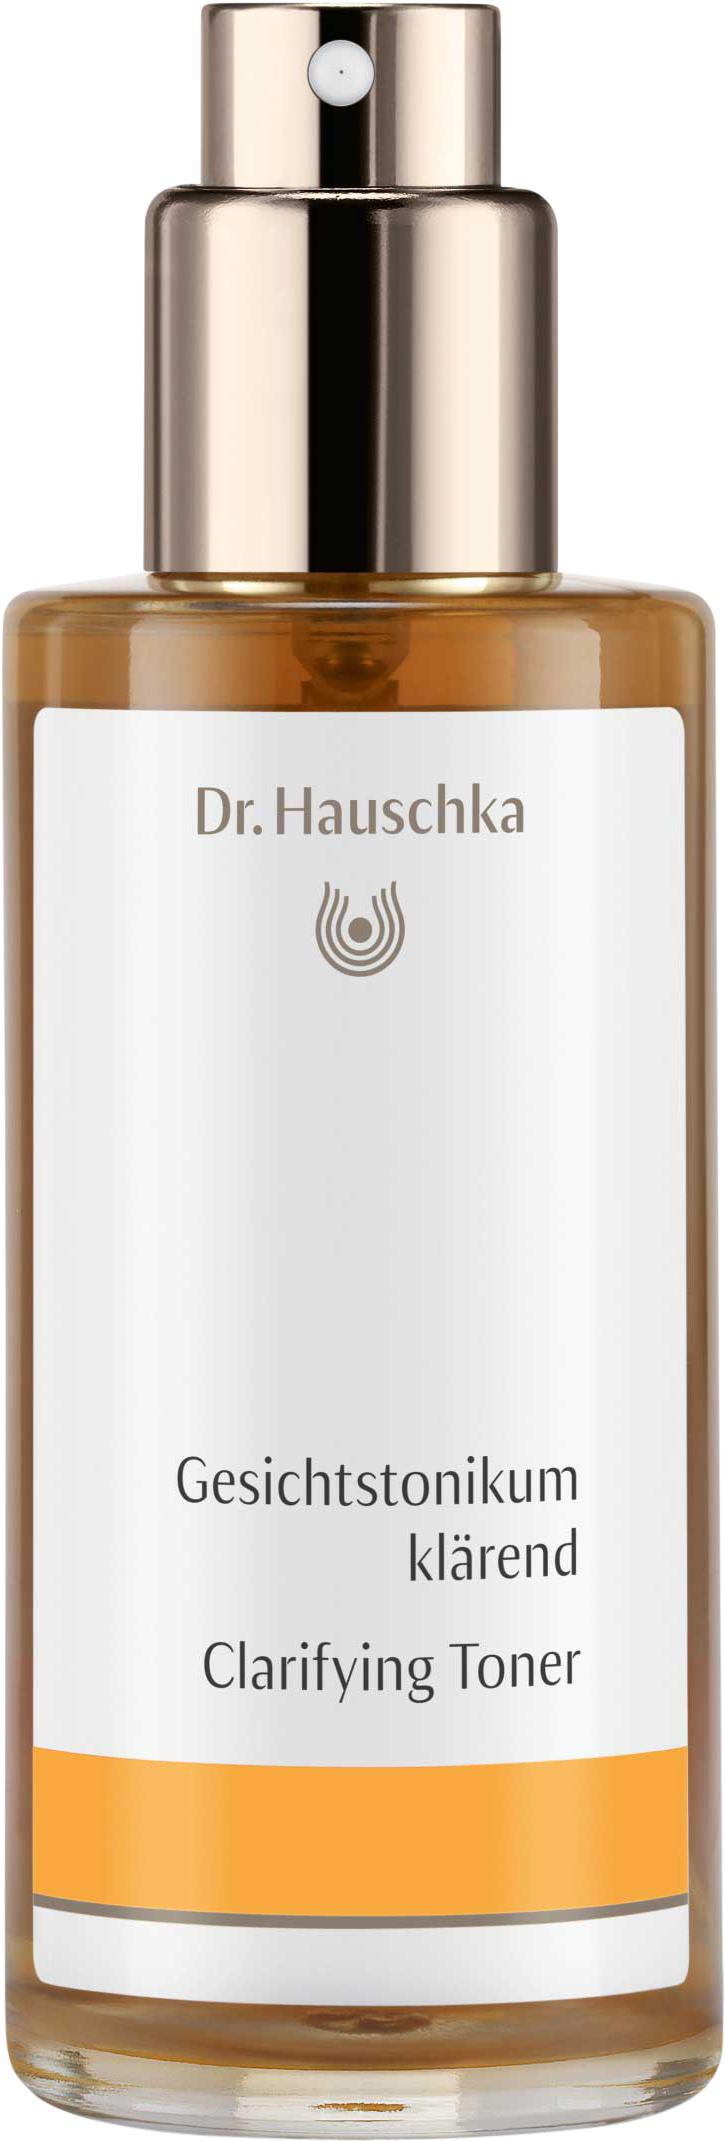 Dr. Hauschka - Clarifying Toner 100 ml